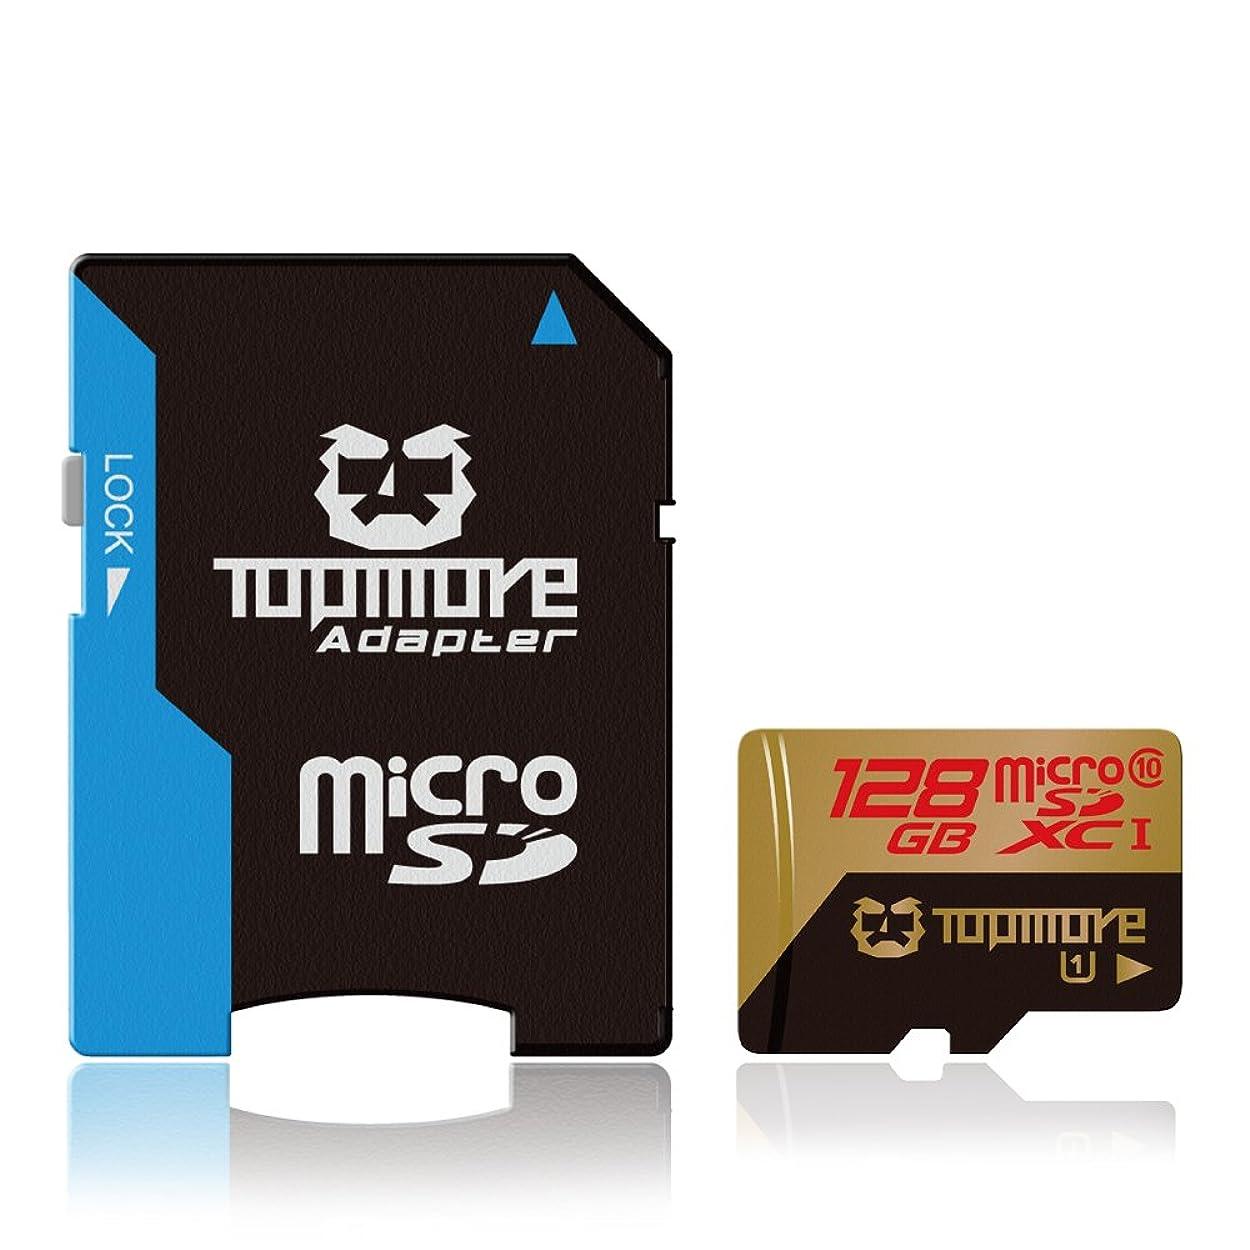 第四フェードアウト処分した【正規品!純正品 逸品お薦め!パワーフルアップグレード新品販売!(カード1枚、アダプタ1枚、合計2枚入りのセット) トップモア 業界最高級 TOPMORE 128GB microSDXC UHS-I(U3) Class 10 MEMORYCARD 128GB microSDXC UHS-I(U3) クラス10メモリーカード 驚きの大容量(日本語説明書付き) [並行輸入品]